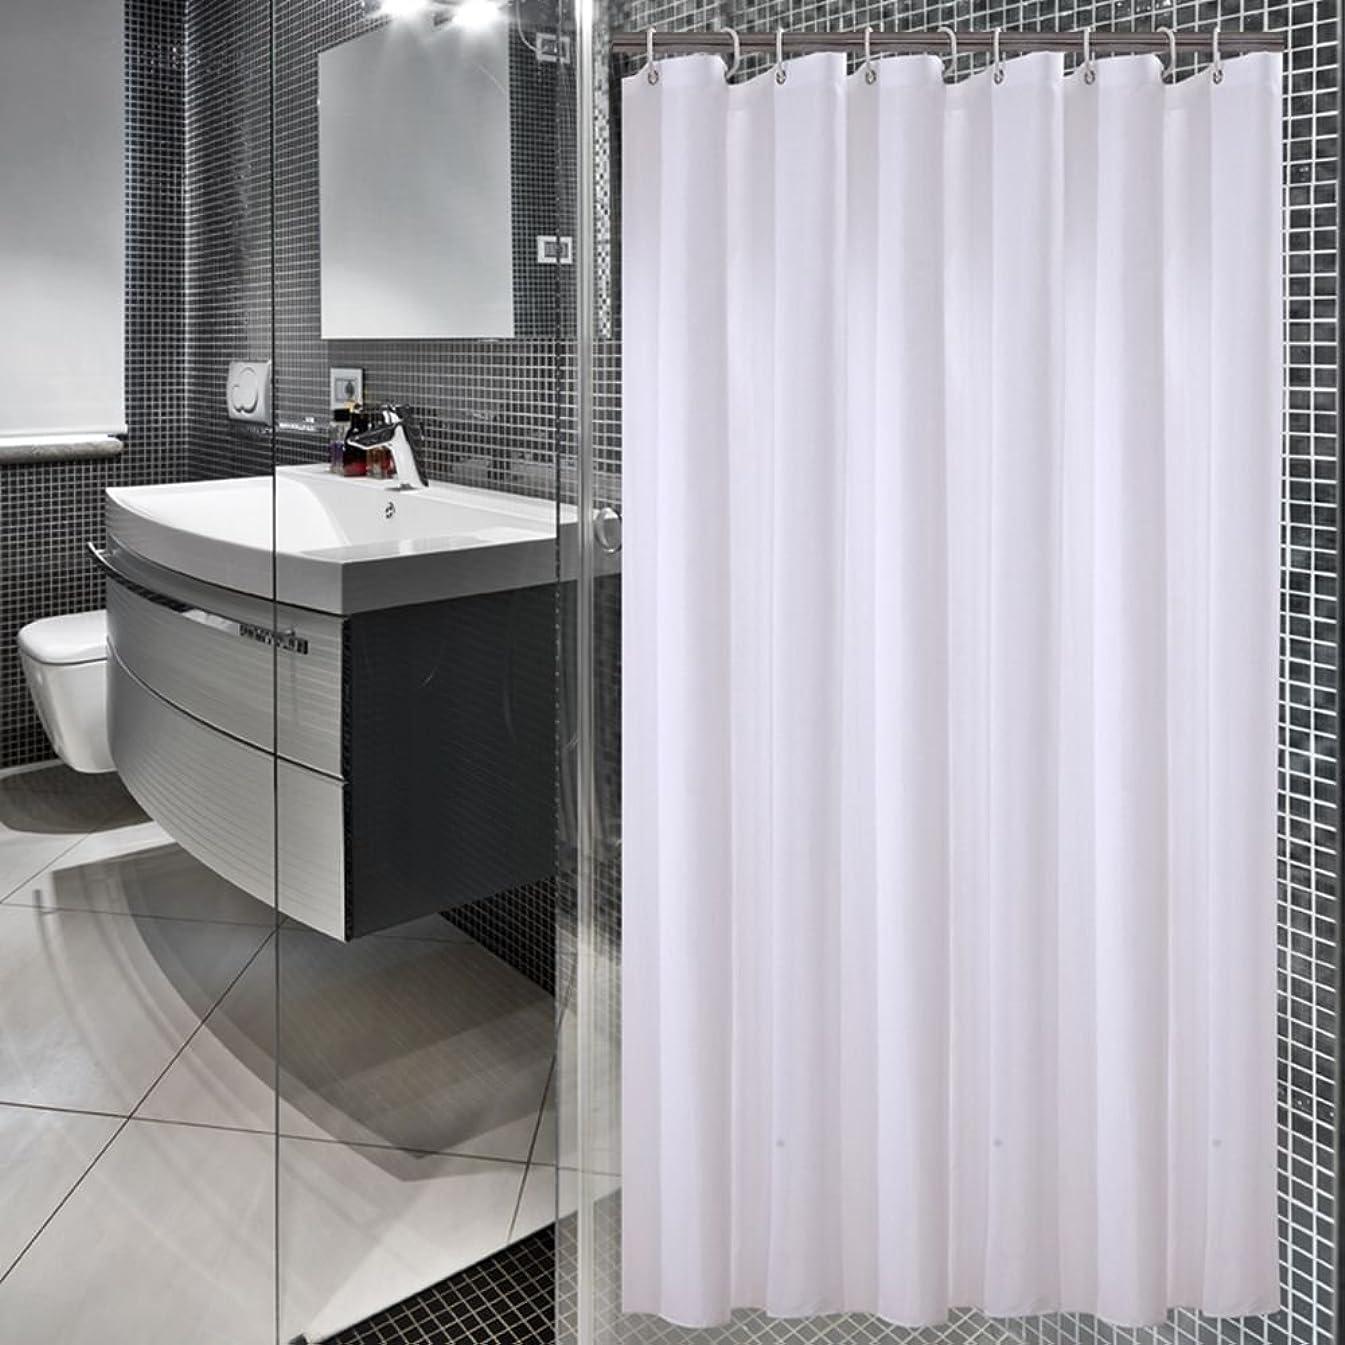 変形予定拍手Sfoothome シャワーカーテン 布製 防カビ 防水性 バスカーテン 防カビ おしゃれ (90cm*200cm, 白)